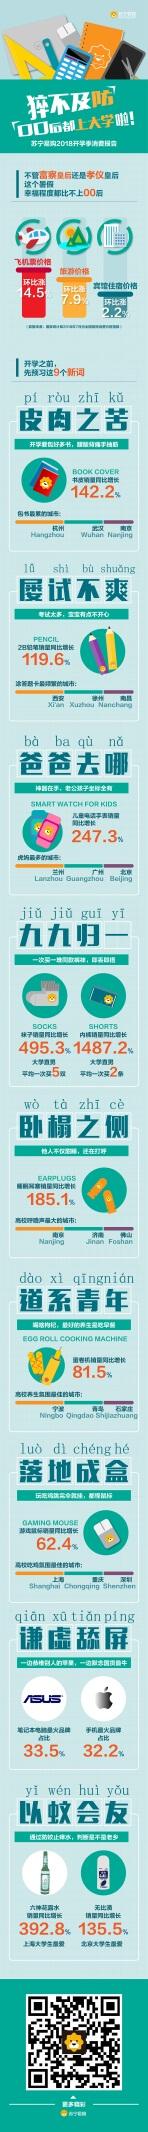 苏宁易购开学季报告:杭州武汉南京包书累,西安徐州南昌考试多